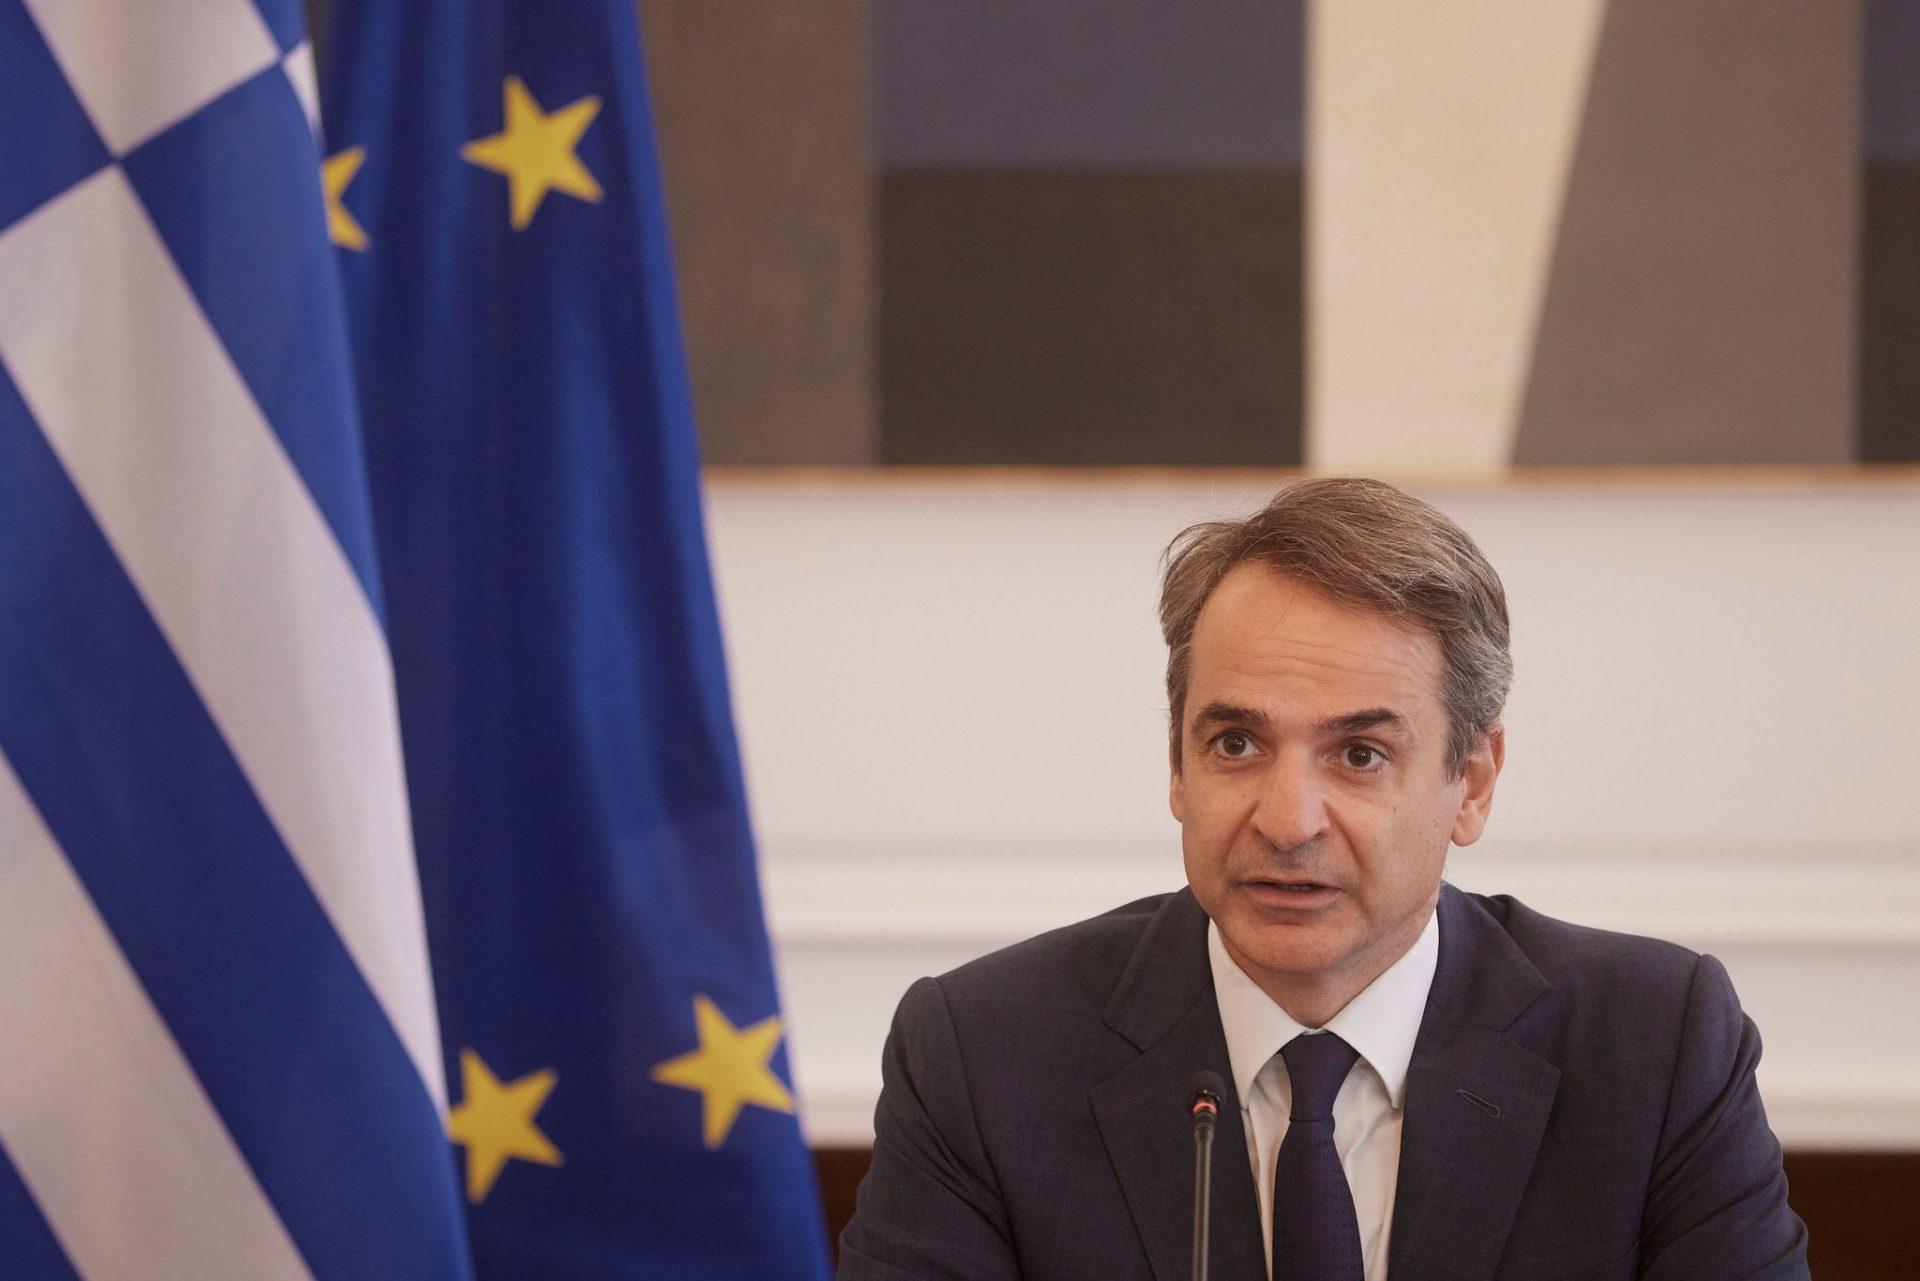 Στη Θεσσαλονίκη μεταβαίνει το απόγευμα ο πρωθυπουργός για την 85η ΔΕΘ